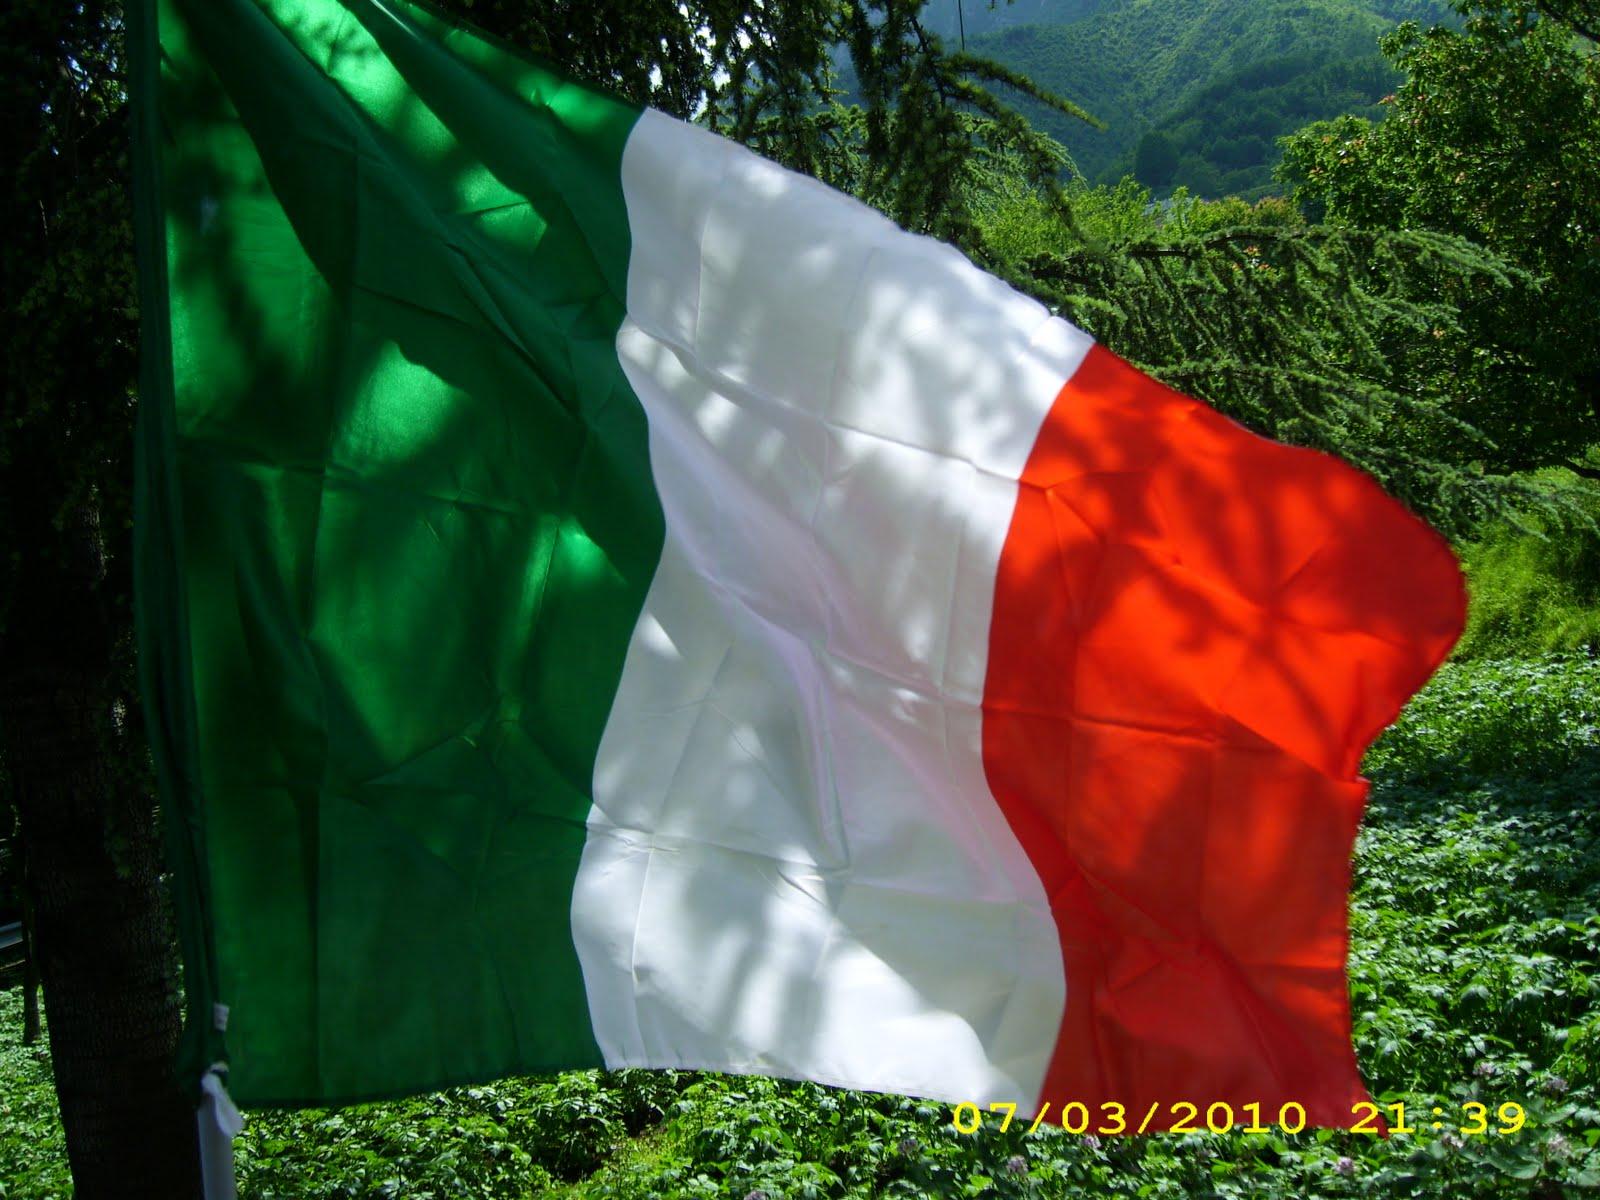 Lo Sport Secondo Militello: 'Italia Come Stai?': Sci Alpino Il  #C21F09 1600 1200 Classifica Delle Migliori Cucine Mondiali